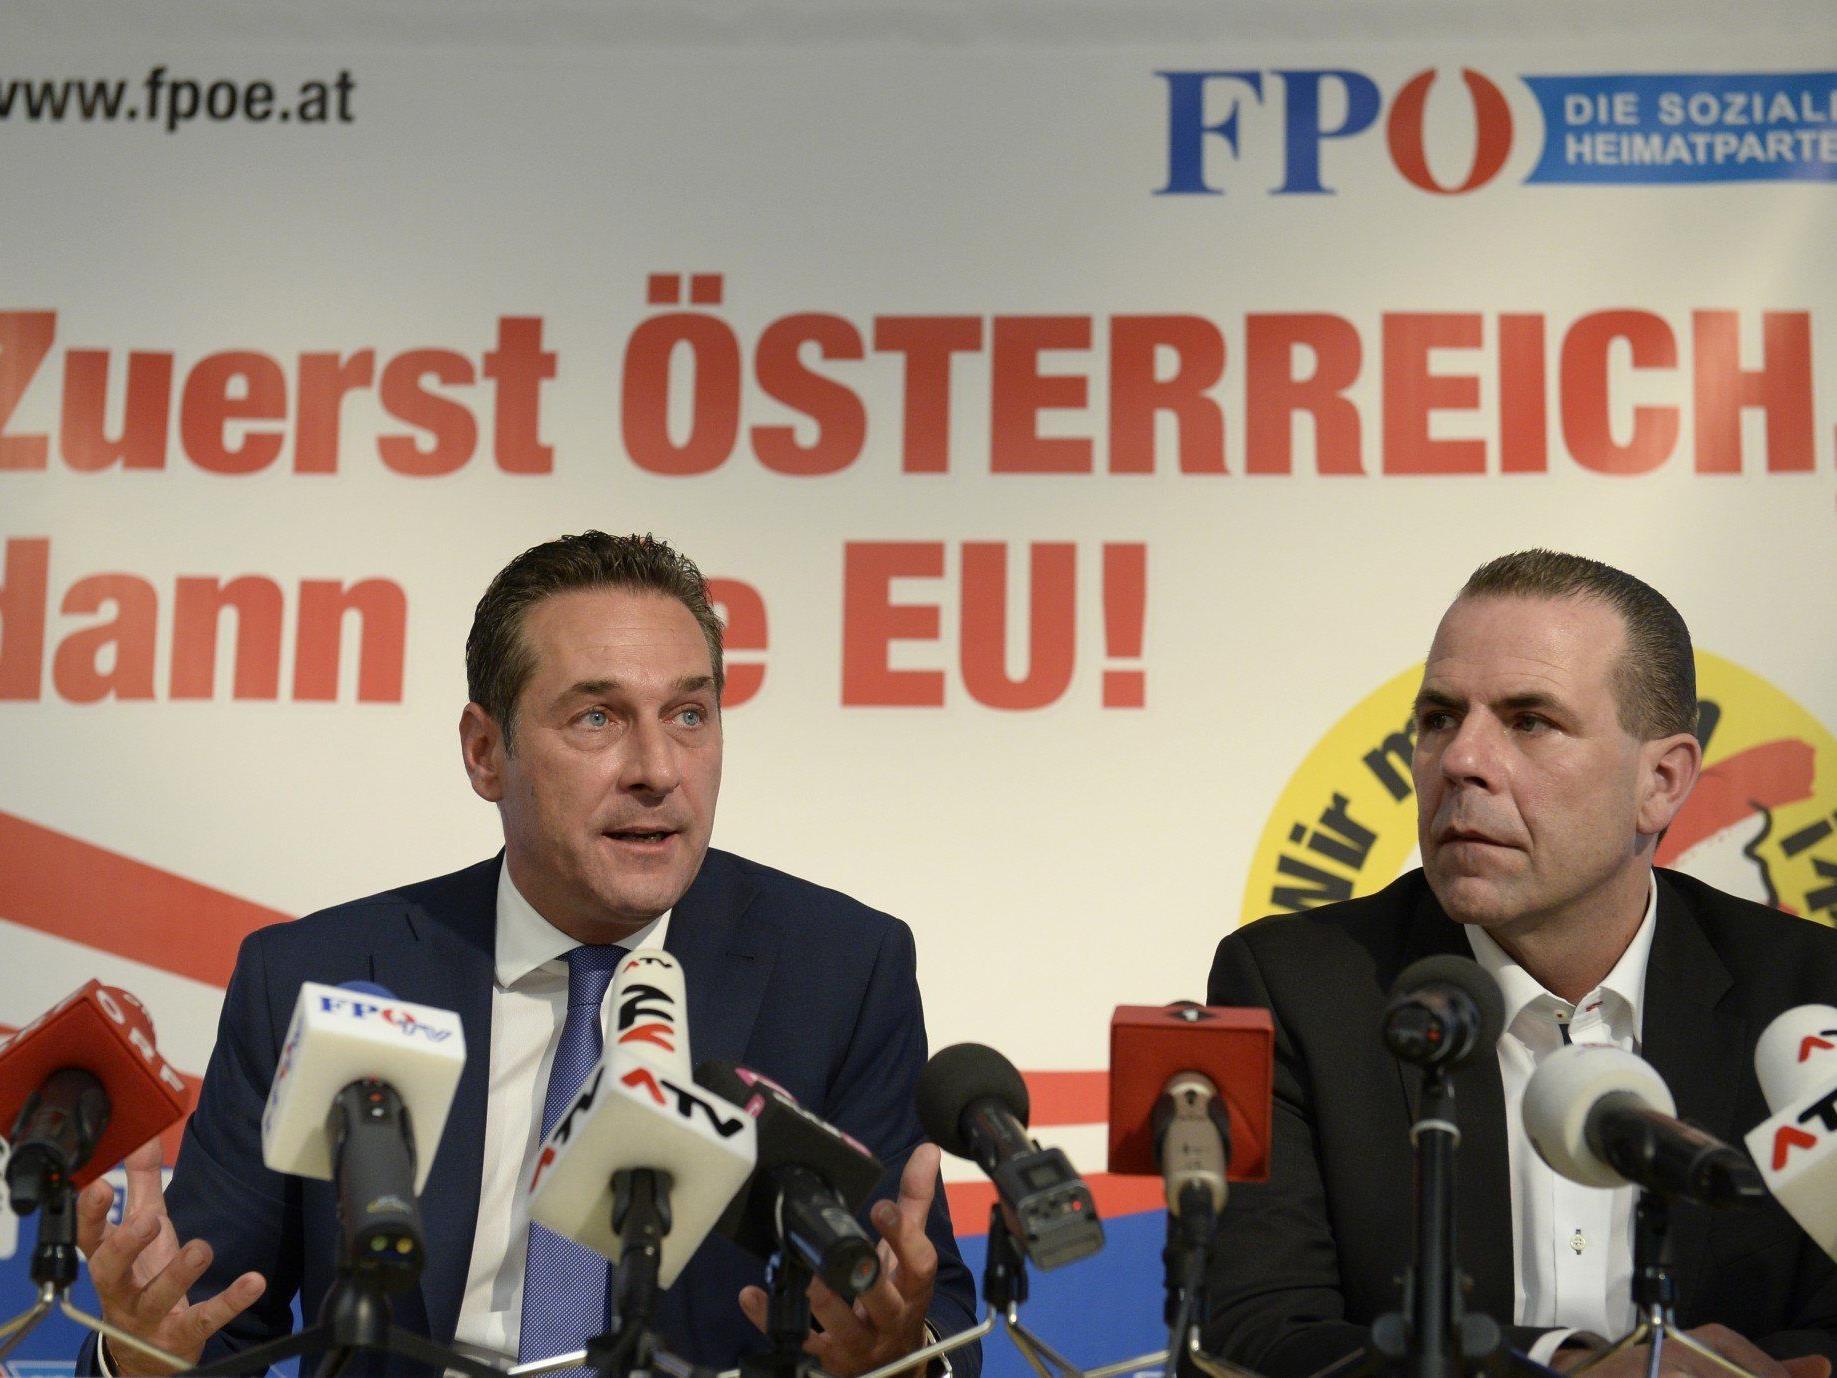 Einstimmig gewählt - Strache gab Entscheidung nach Vorstandssitzung bekannt.